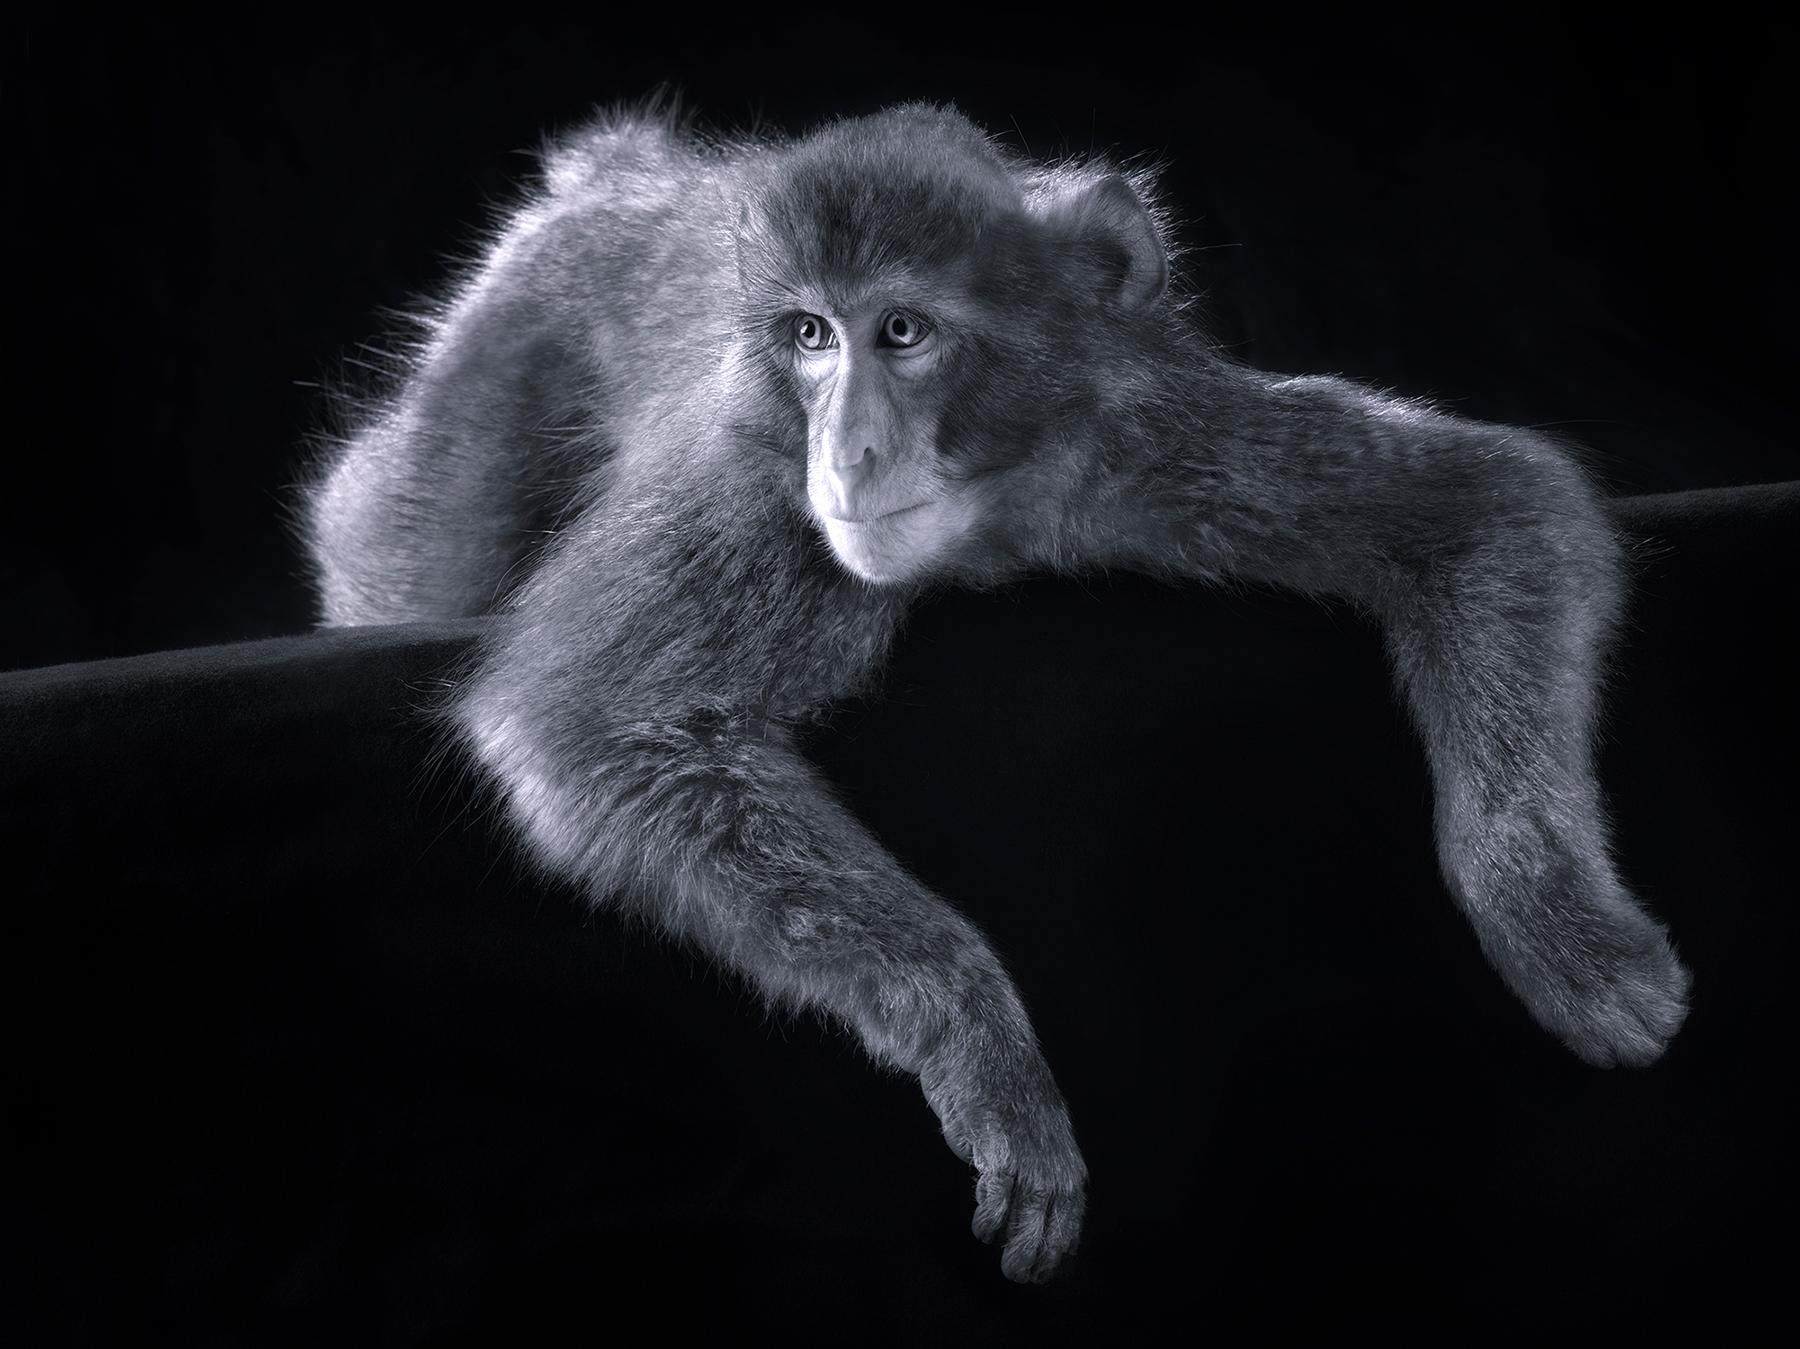 Lennette_Newell Snow_Monkey.jpg